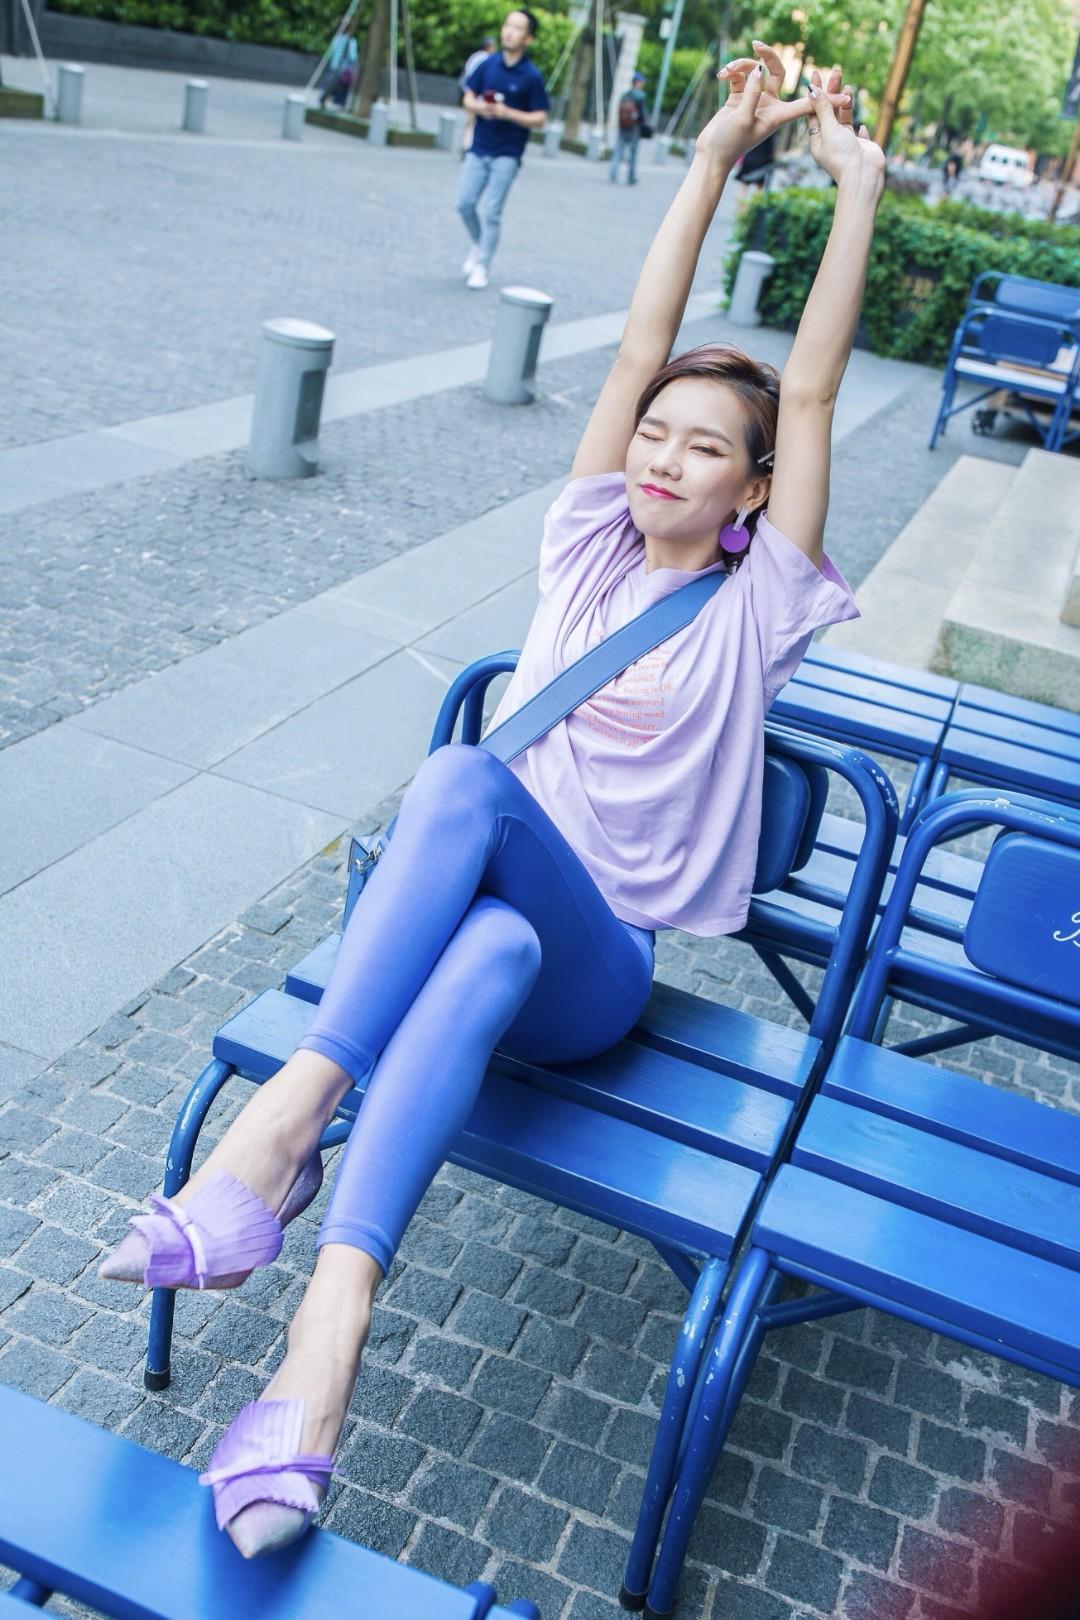 初夏如何穿的像少女去约会?  oversize的马卡龙紫T恤,搭配同色系的糖果蓝,少女感十足!减龄必备色~尖头鞋在视觉上拉长腿部线条,短高根设计即便是出去逛街穿也完全没问题,真的是颜值和舒适度并存啦  T恤:monki 斜挎包:zesh 猫跟鞋:lost in echo #穿搭#